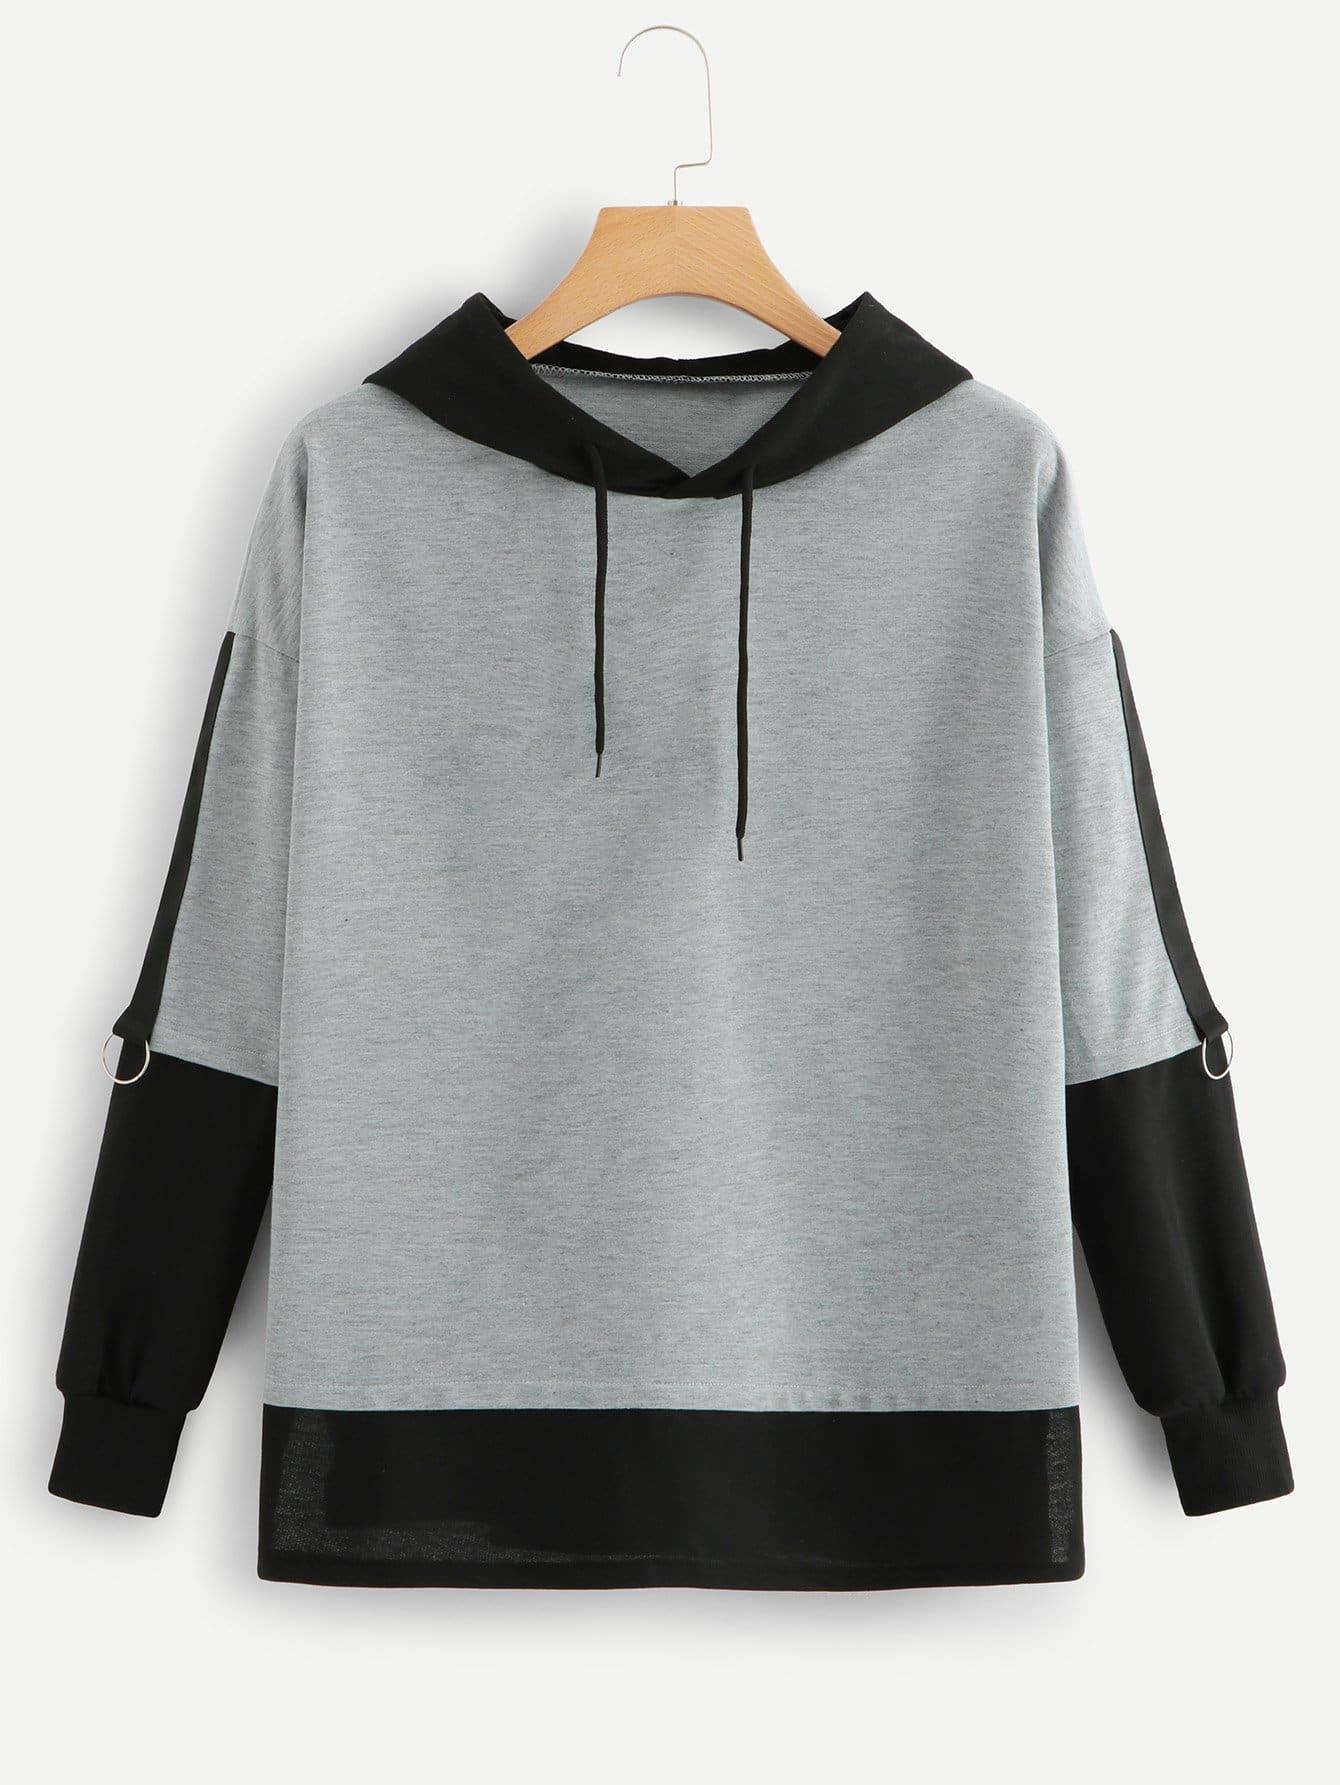 Купить Повседневный Контрастный цвет Пуловеры Серый Свитшоты, null, SheIn